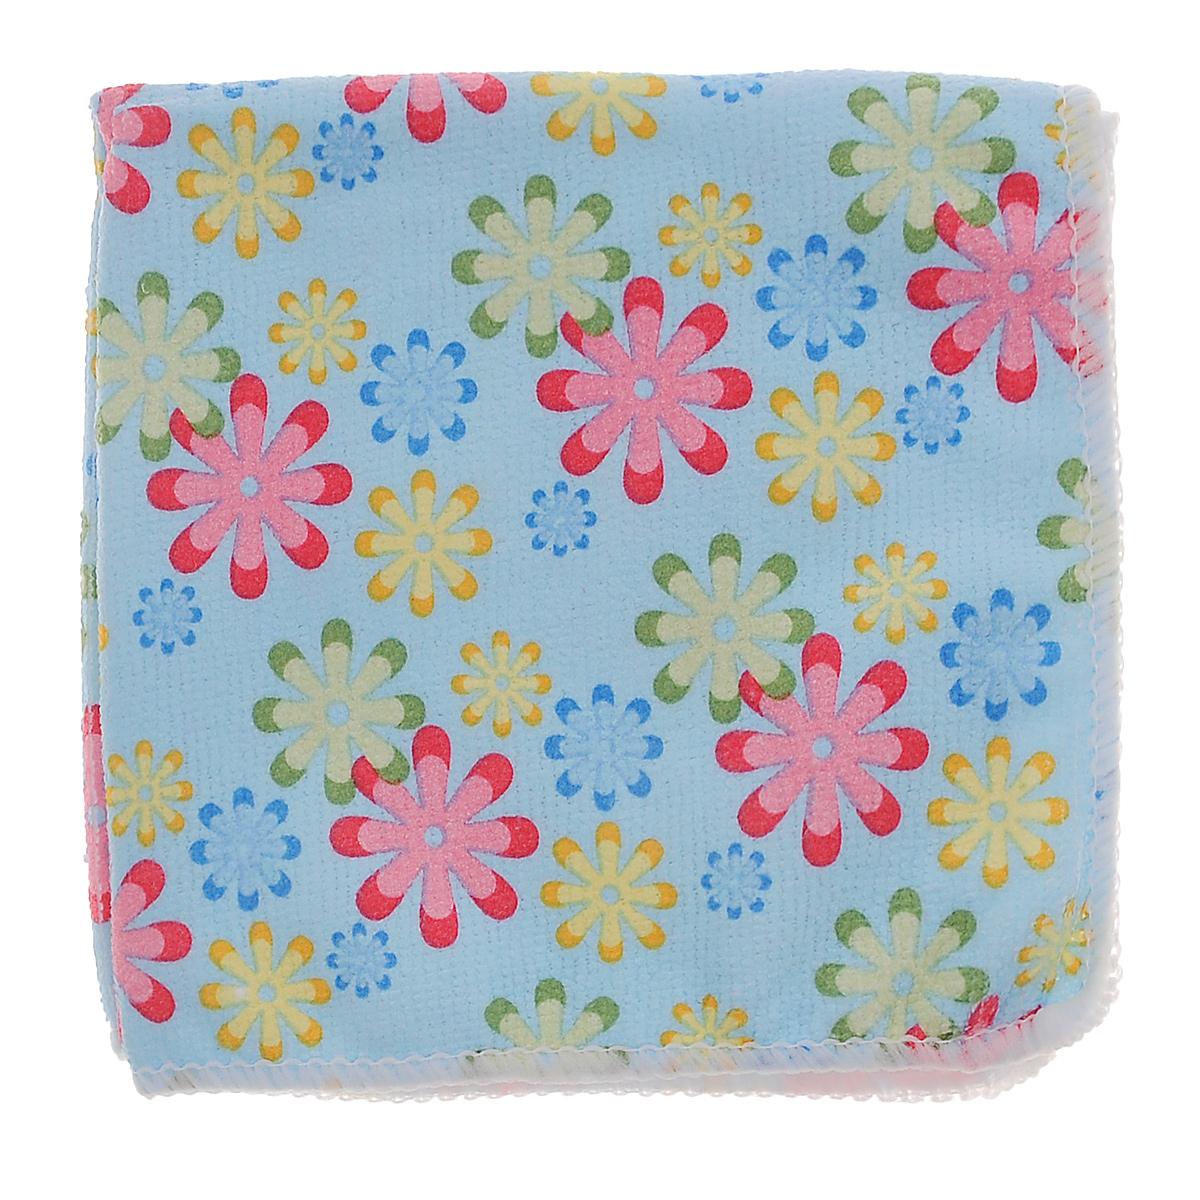 Салфетка для уборки Youll Love Маленькие цветы, цвет: голубой, 30 см х 30 см58042_мелкие цветы голубойСалфетка Youll Love Маленькие цветы, изготовленная из 20% полиамида и 80% полиэфира, предназначена для очищения загрязнений на любых поверхностях. Изделие обладает высокой износоустойчивостью и рассчитано на многократное использование, легко моется в теплой воде с мягкими чистящими средствами. Супервпитывающая салфетка не оставляет разводов и ворсинок. Размер: 30 см х 30 см.